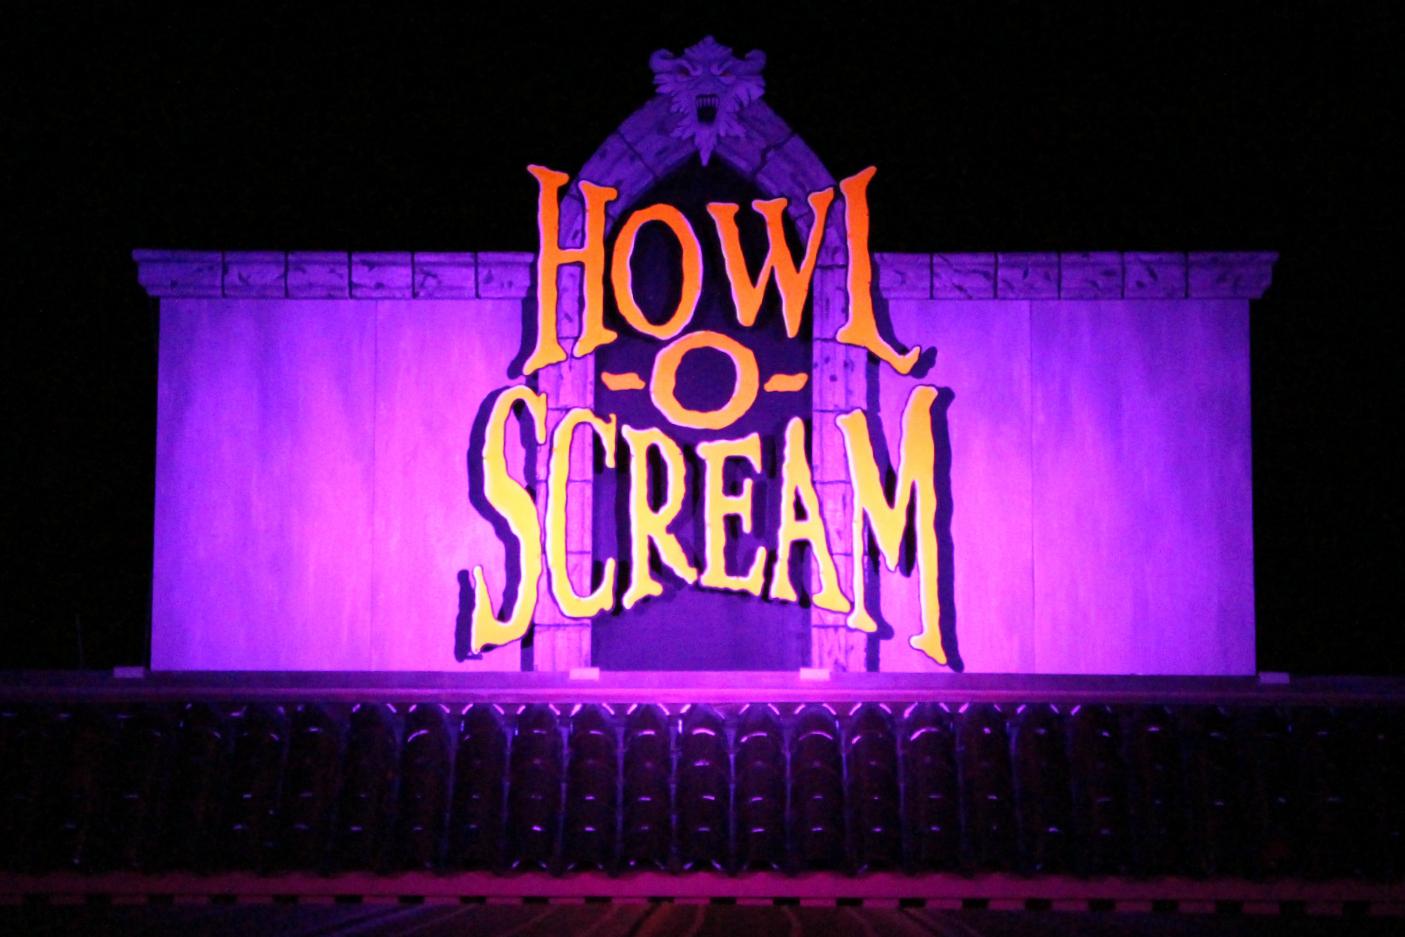 howl-o-scream 2014